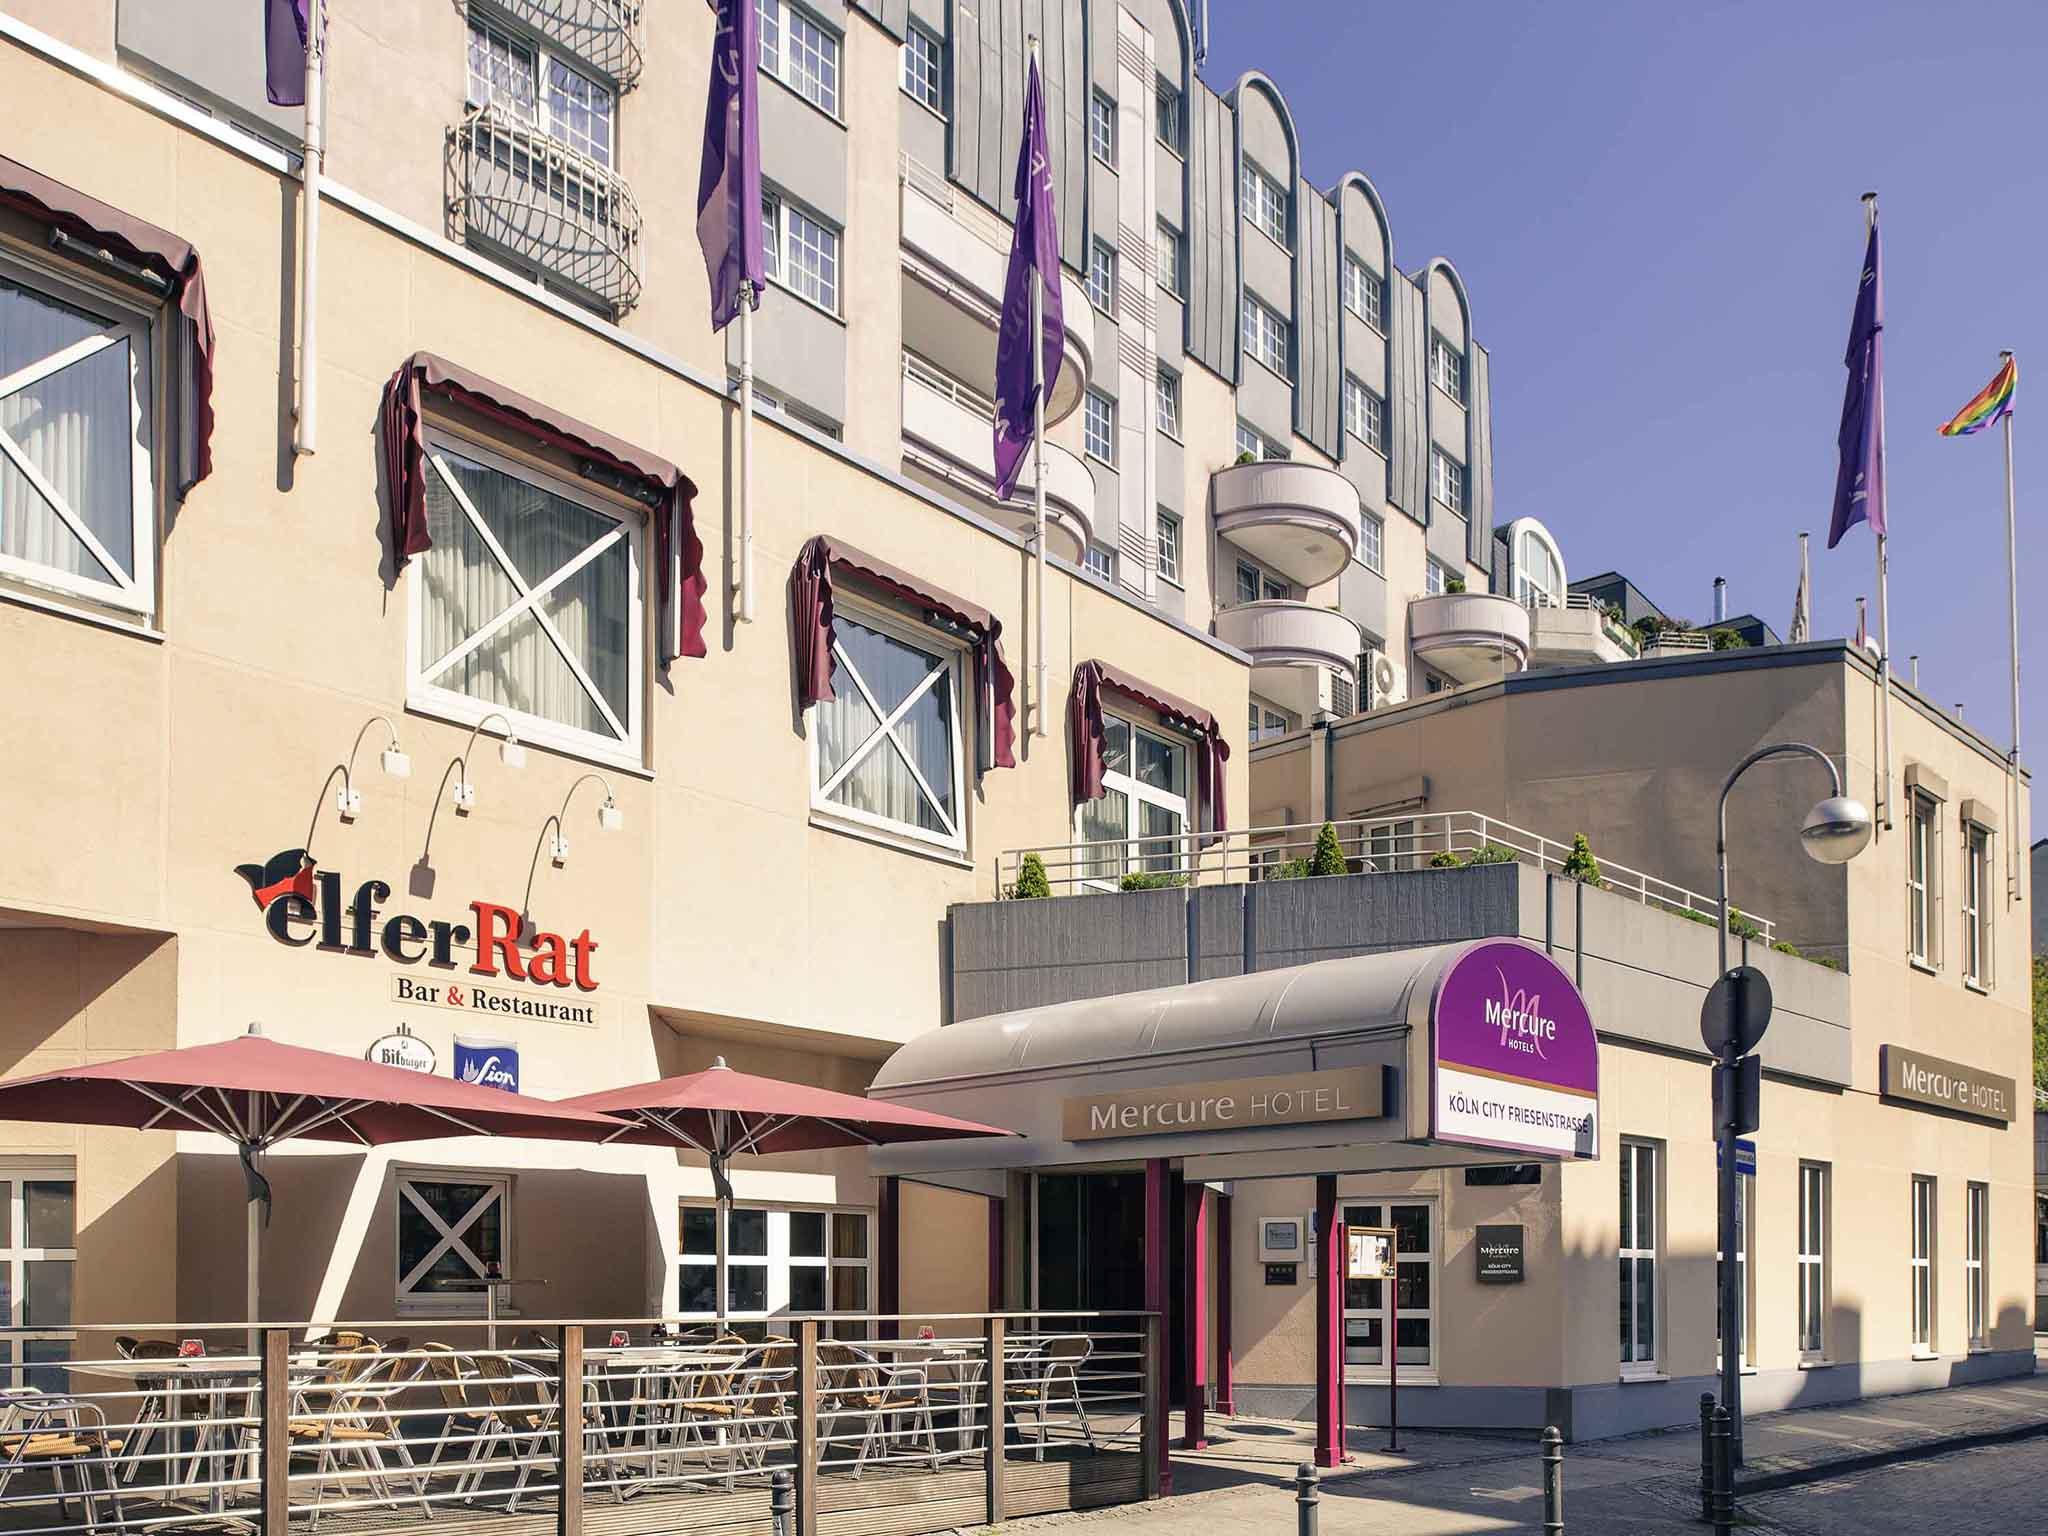 Hôtel - Mercure Hotel Koeln City Friesenstrasse